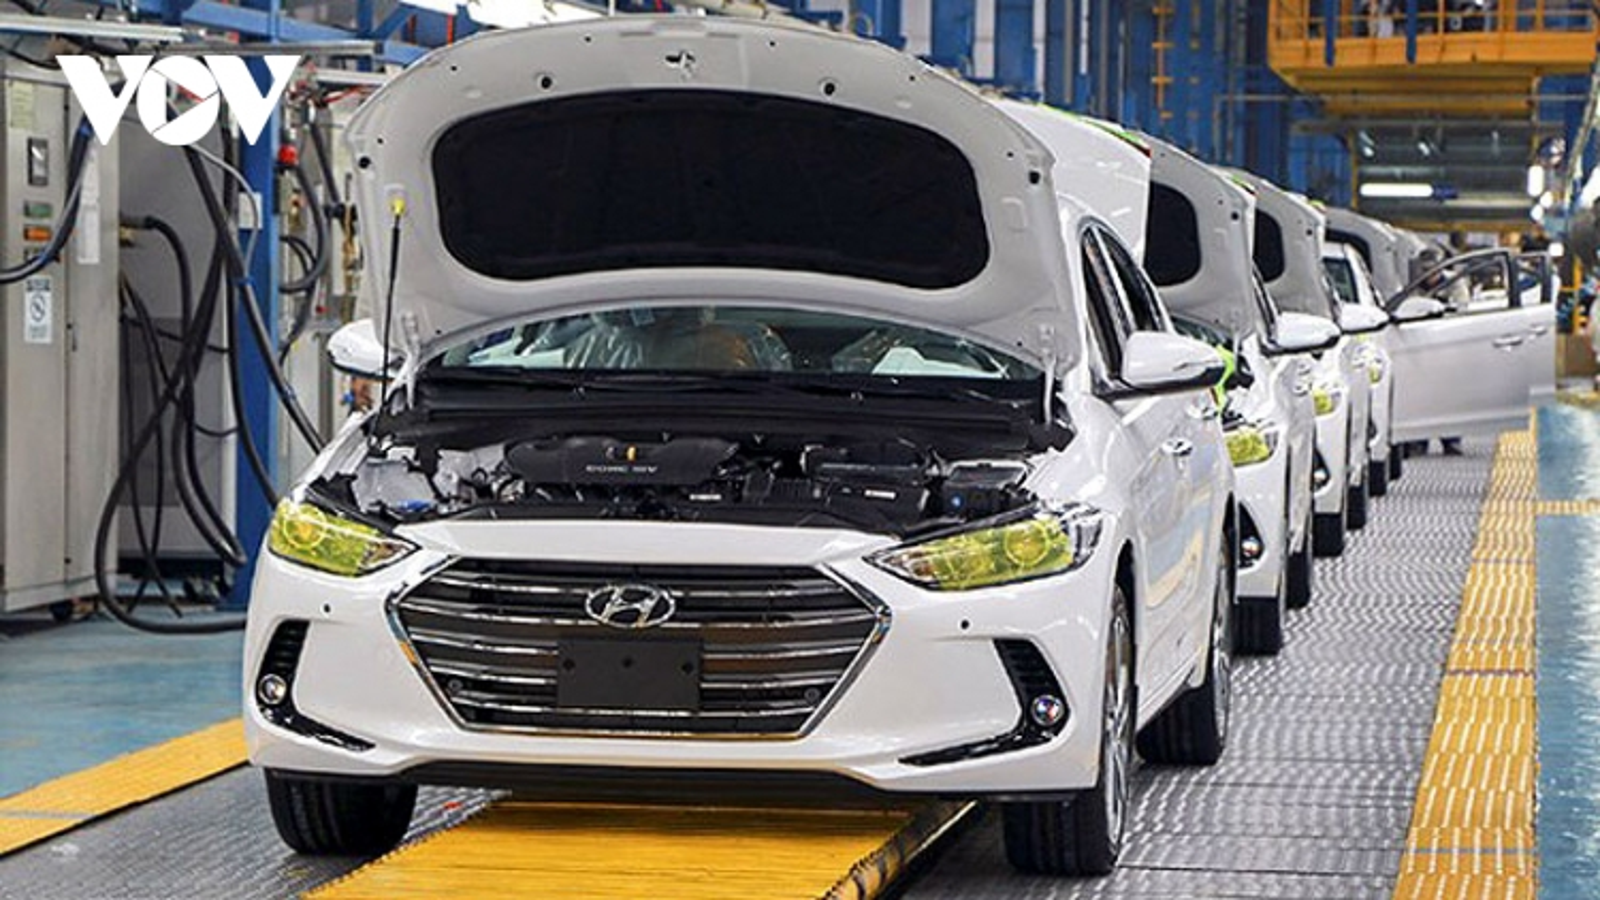 Ô tô sản xuất, lắp ráp trong nước được gia hạn nộp thuế tiêu thụ đặc biệt